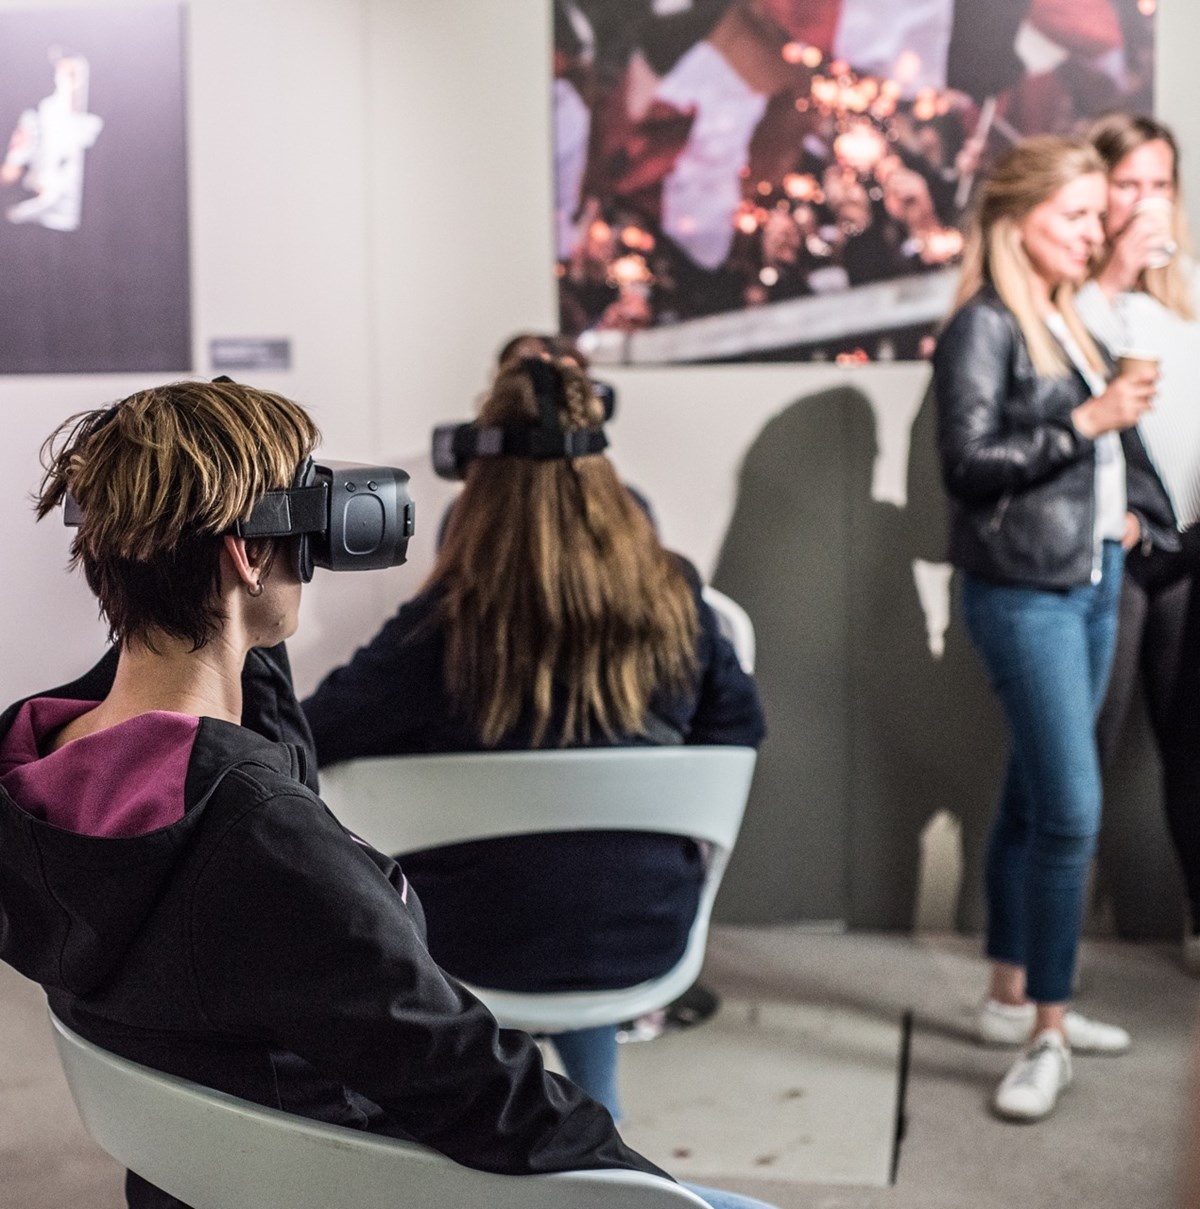 """In der 3D-Lounge konnten Besucher in den """"Cyberspace"""" eintauchen und vergangene Ausstellungen dreidimensional erleben."""